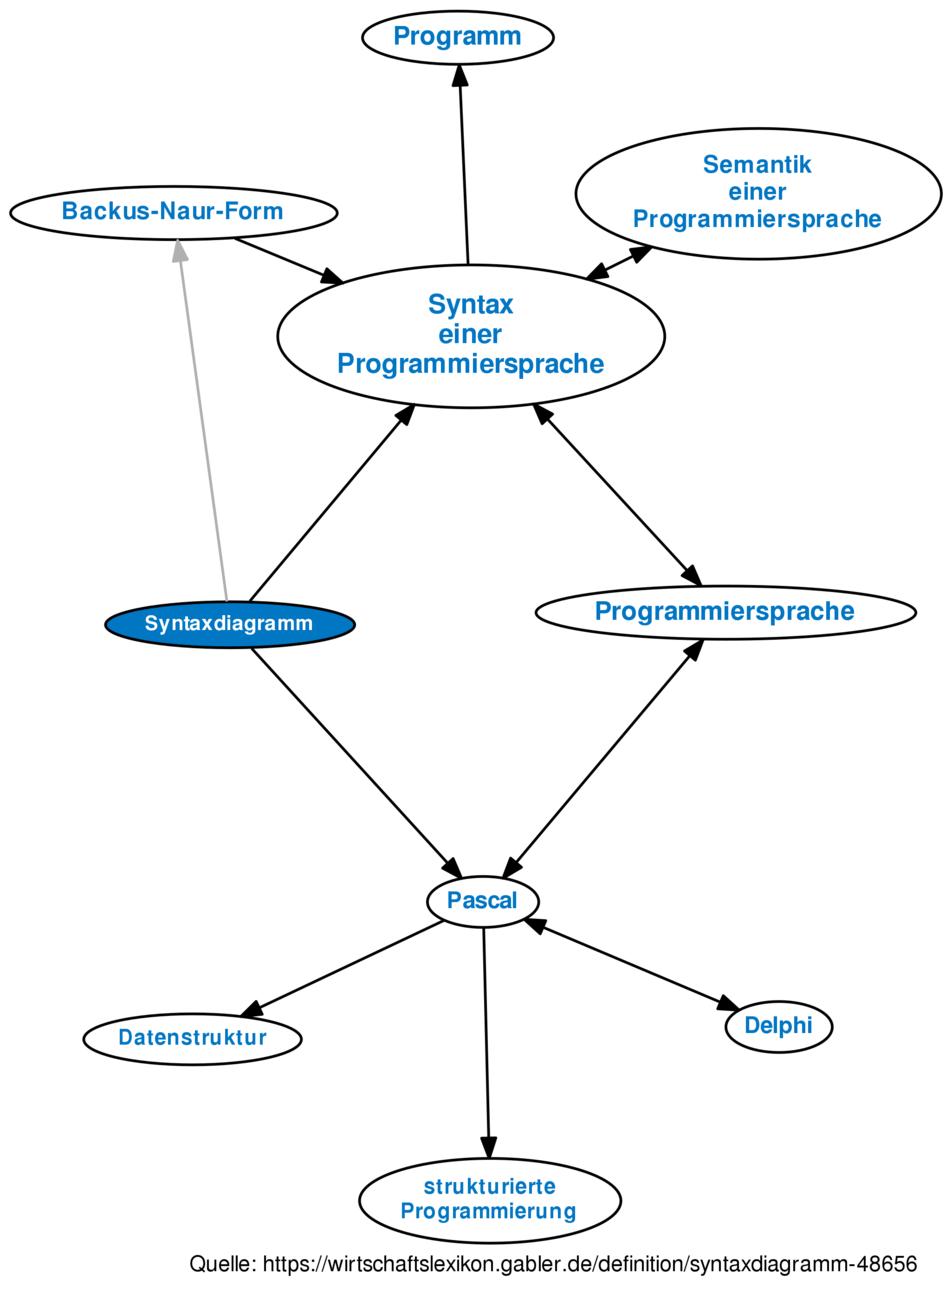 ᐅ Syntaxdiagramm • Definition im Gabler Wirtschaftslexikon Online